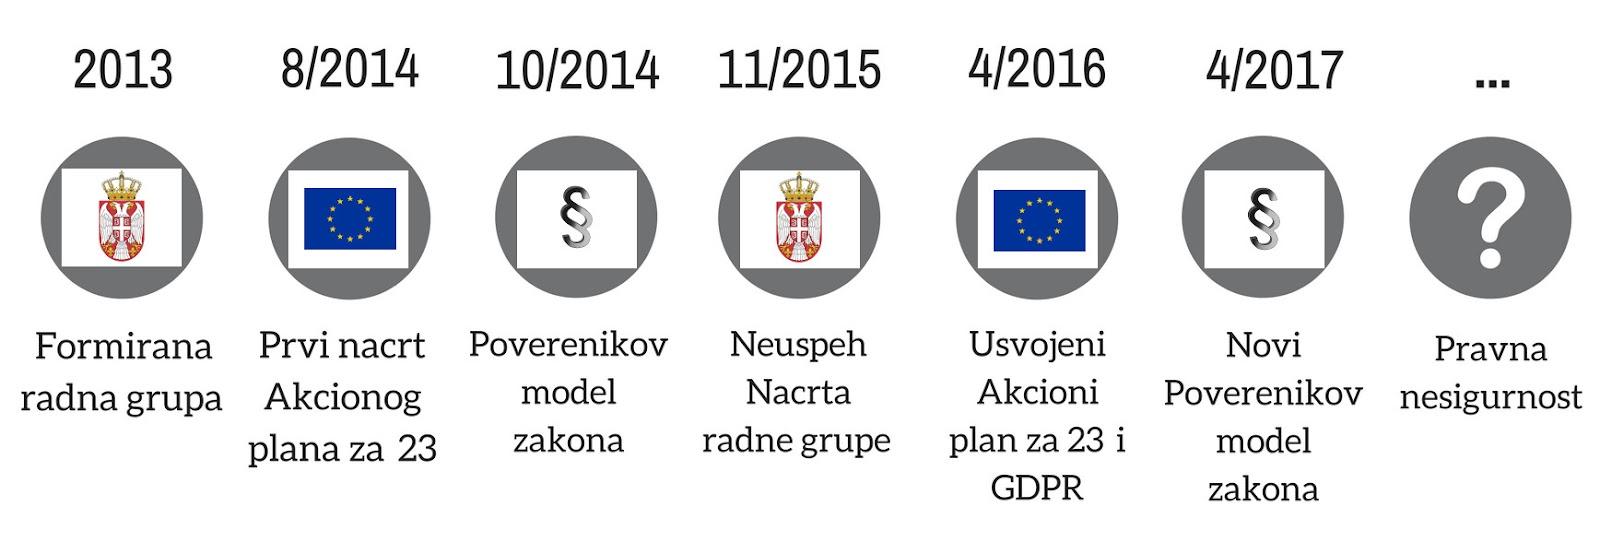 ZZPL timeline crop.jpg